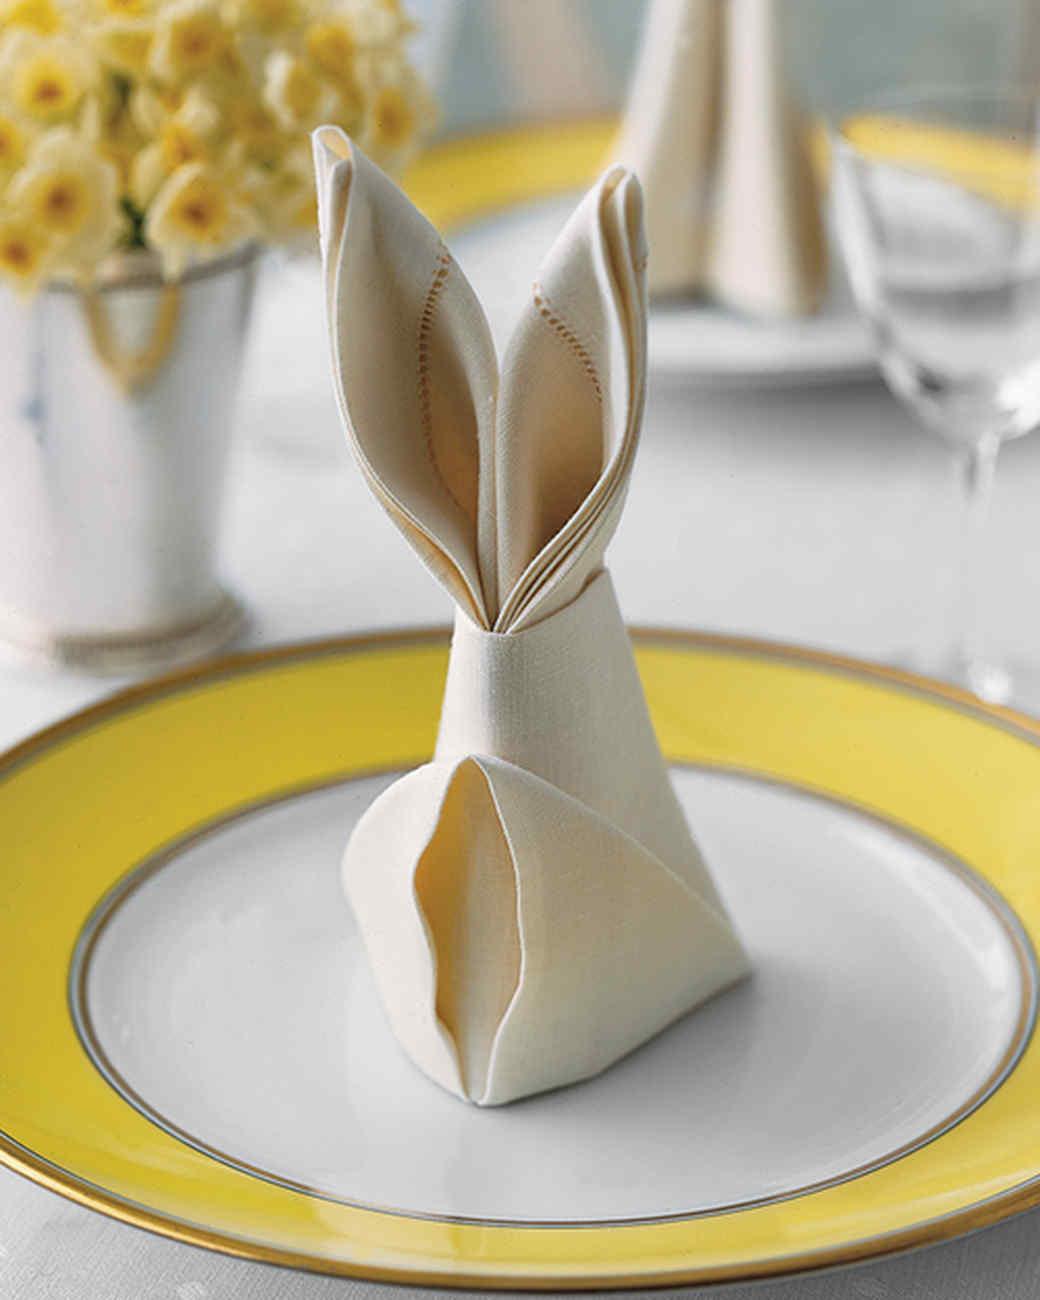 Πασχαλινό Μενού (συνταγές & διακόσμηση) / Greek Easter Menu Plan (Recipes & Decor Ideas) - Ioanna's Notebook